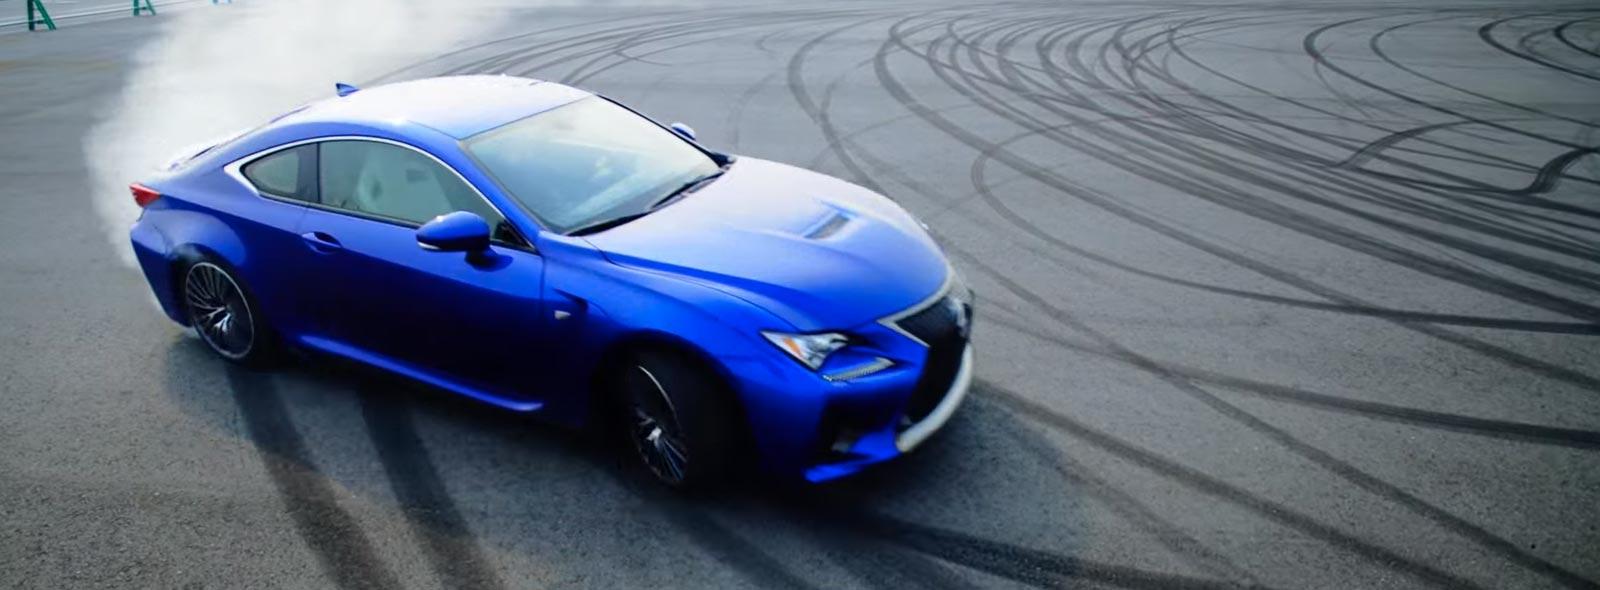 Driftende blauwe RC F